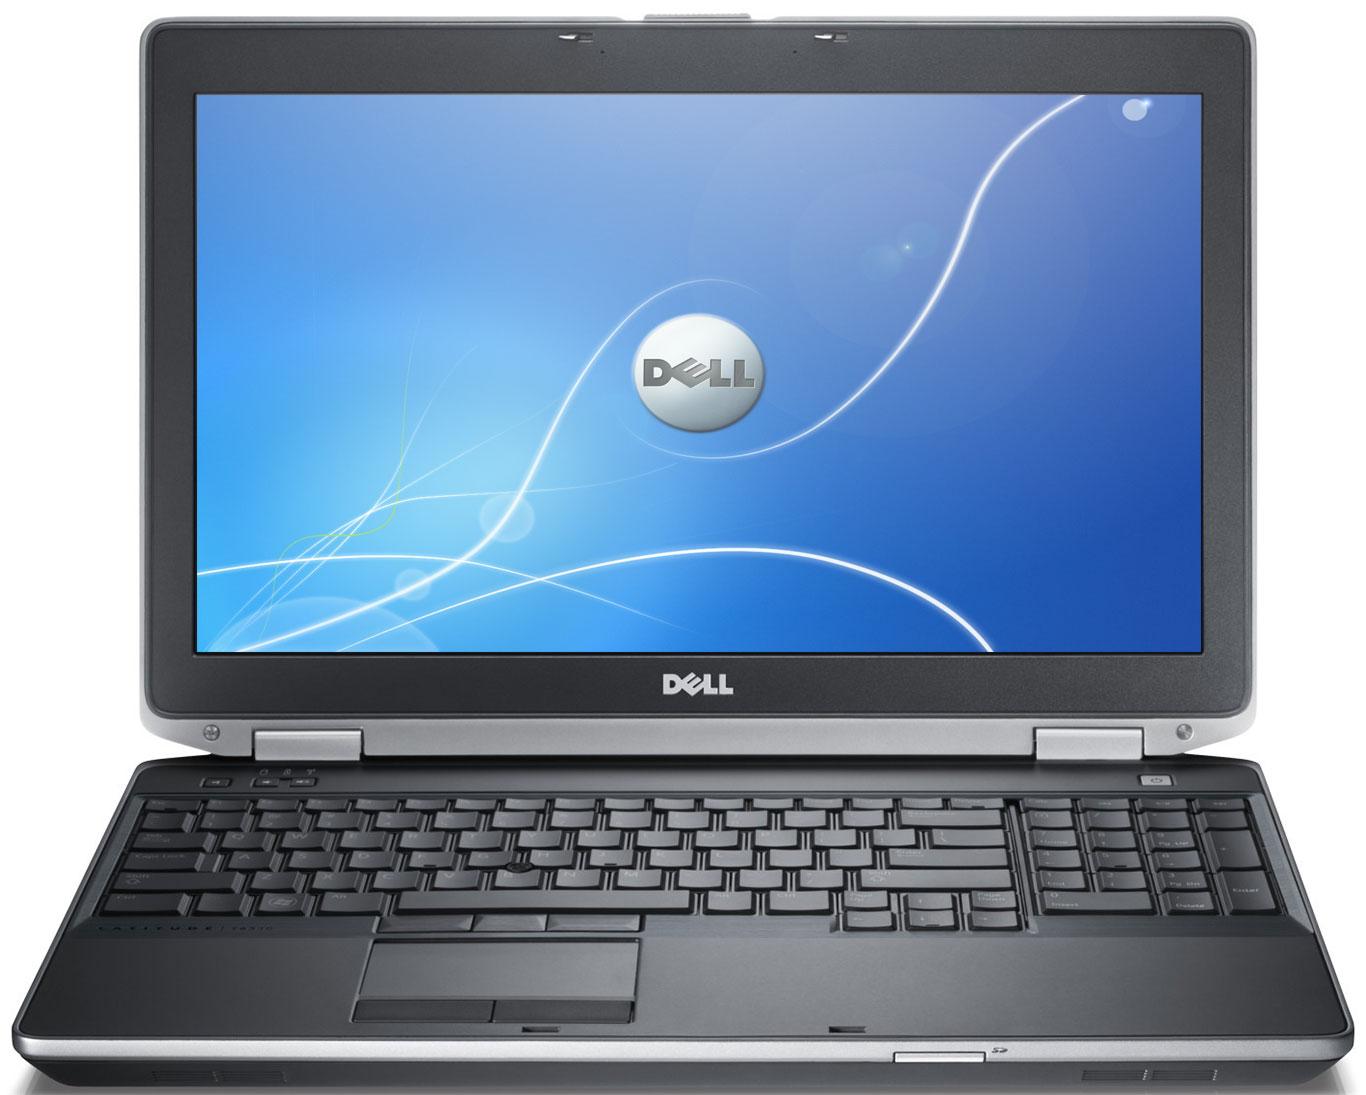 【スマホからのキャンペーンエントリーでポイント10倍!3/1 10時まで!】中古ノートパソコンDell Latitude E6540 E6540 【中古】 Dell Latitude E6540 中古ノートパソコンCore i7 Win7 Pro Dell Latitude E6540 中古ノートパソコンCore i7 Win7 Pro